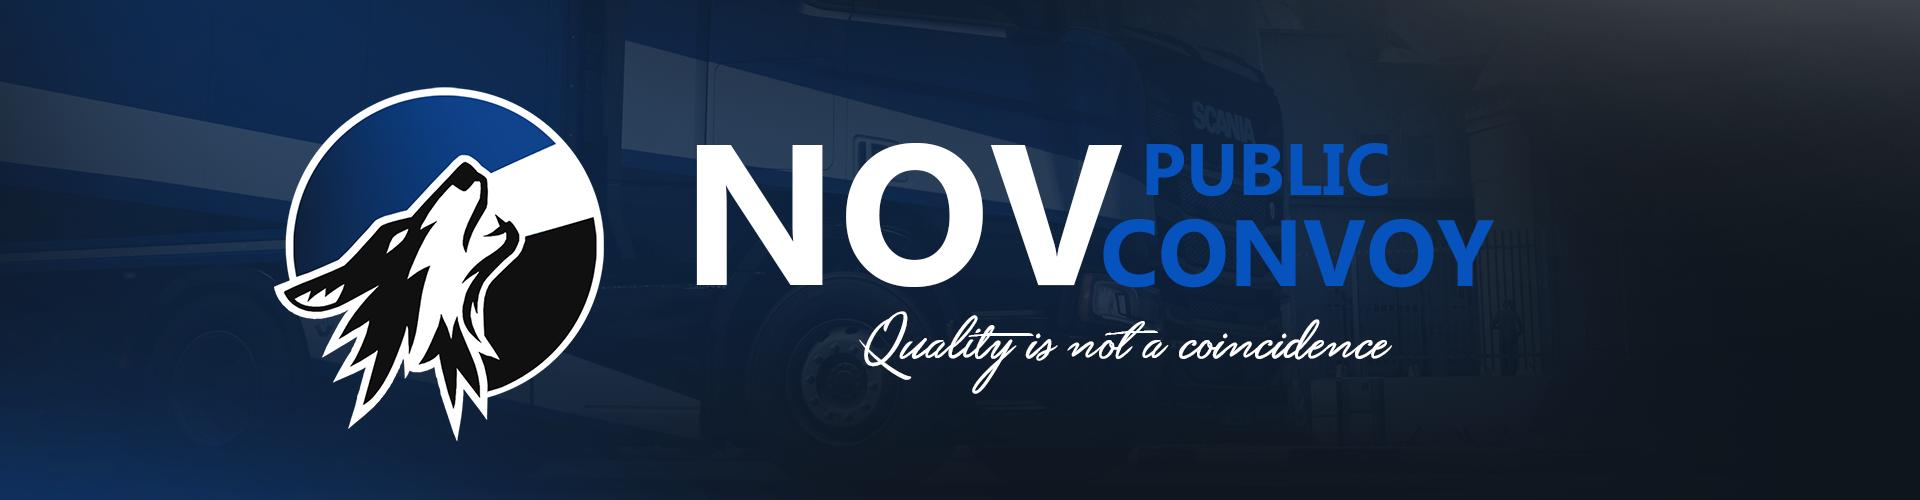 GökBörü VTC November Convoy